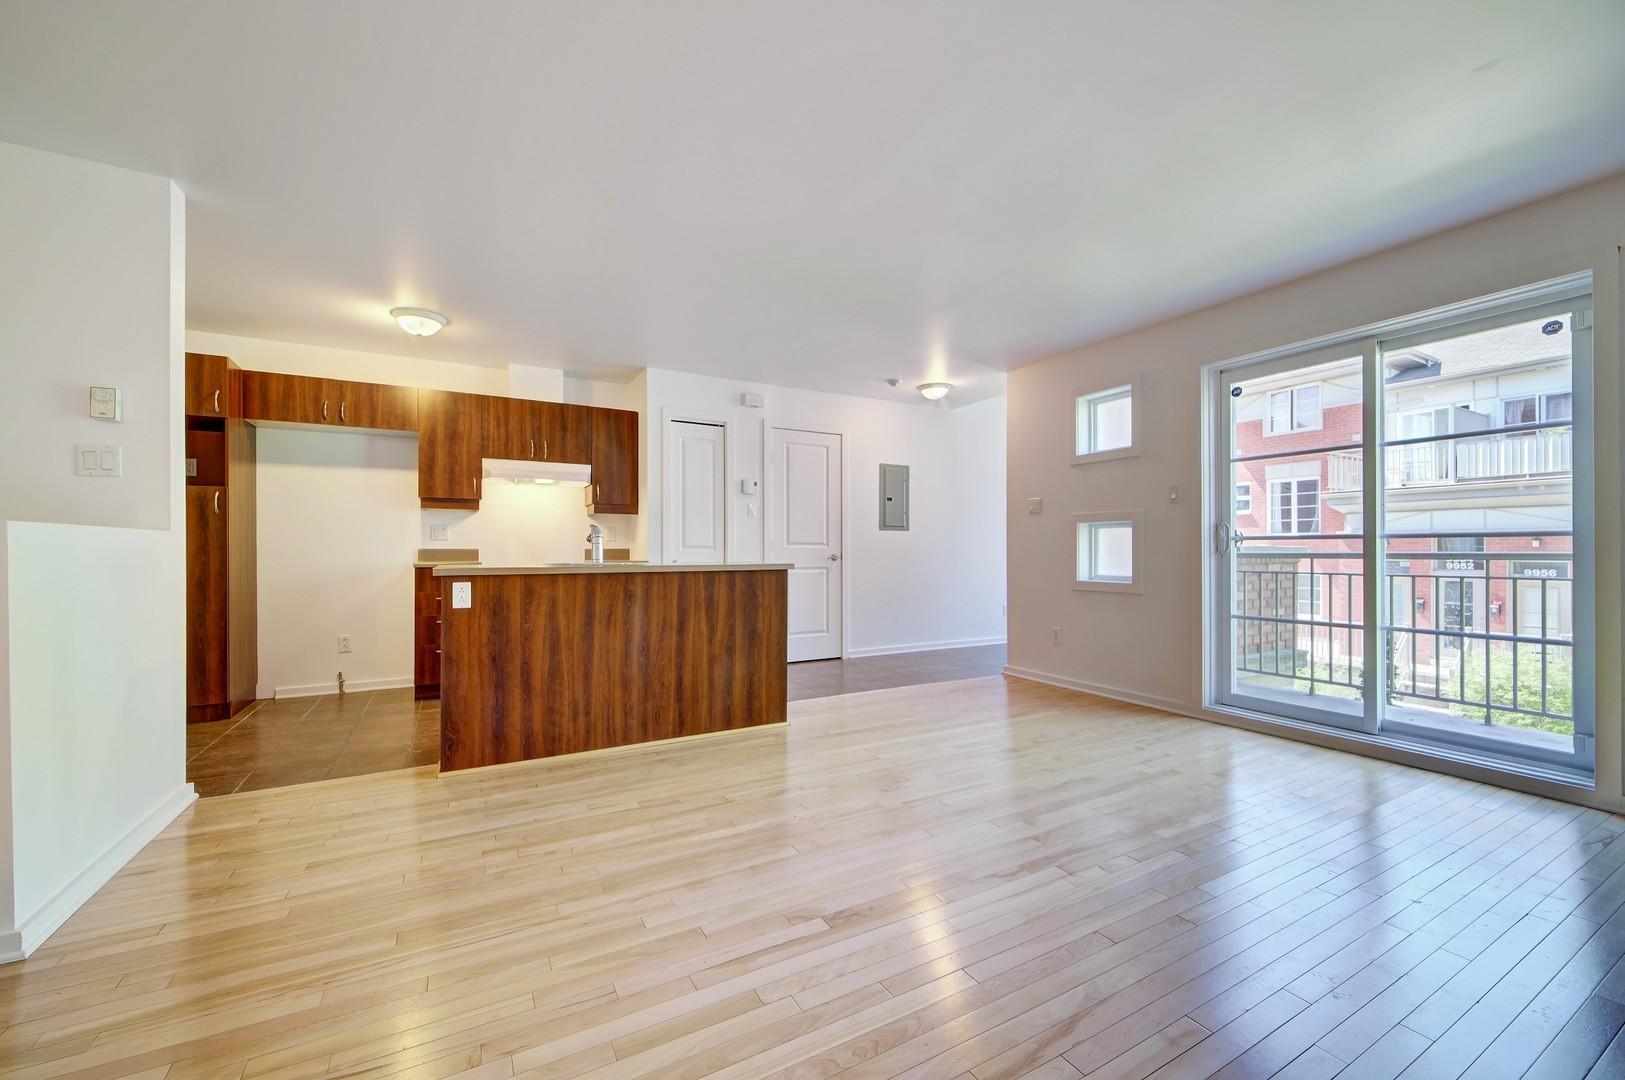 image 10 - Condo - For rent - Montréal  (Rivière-des-Prairies) - 4 rooms